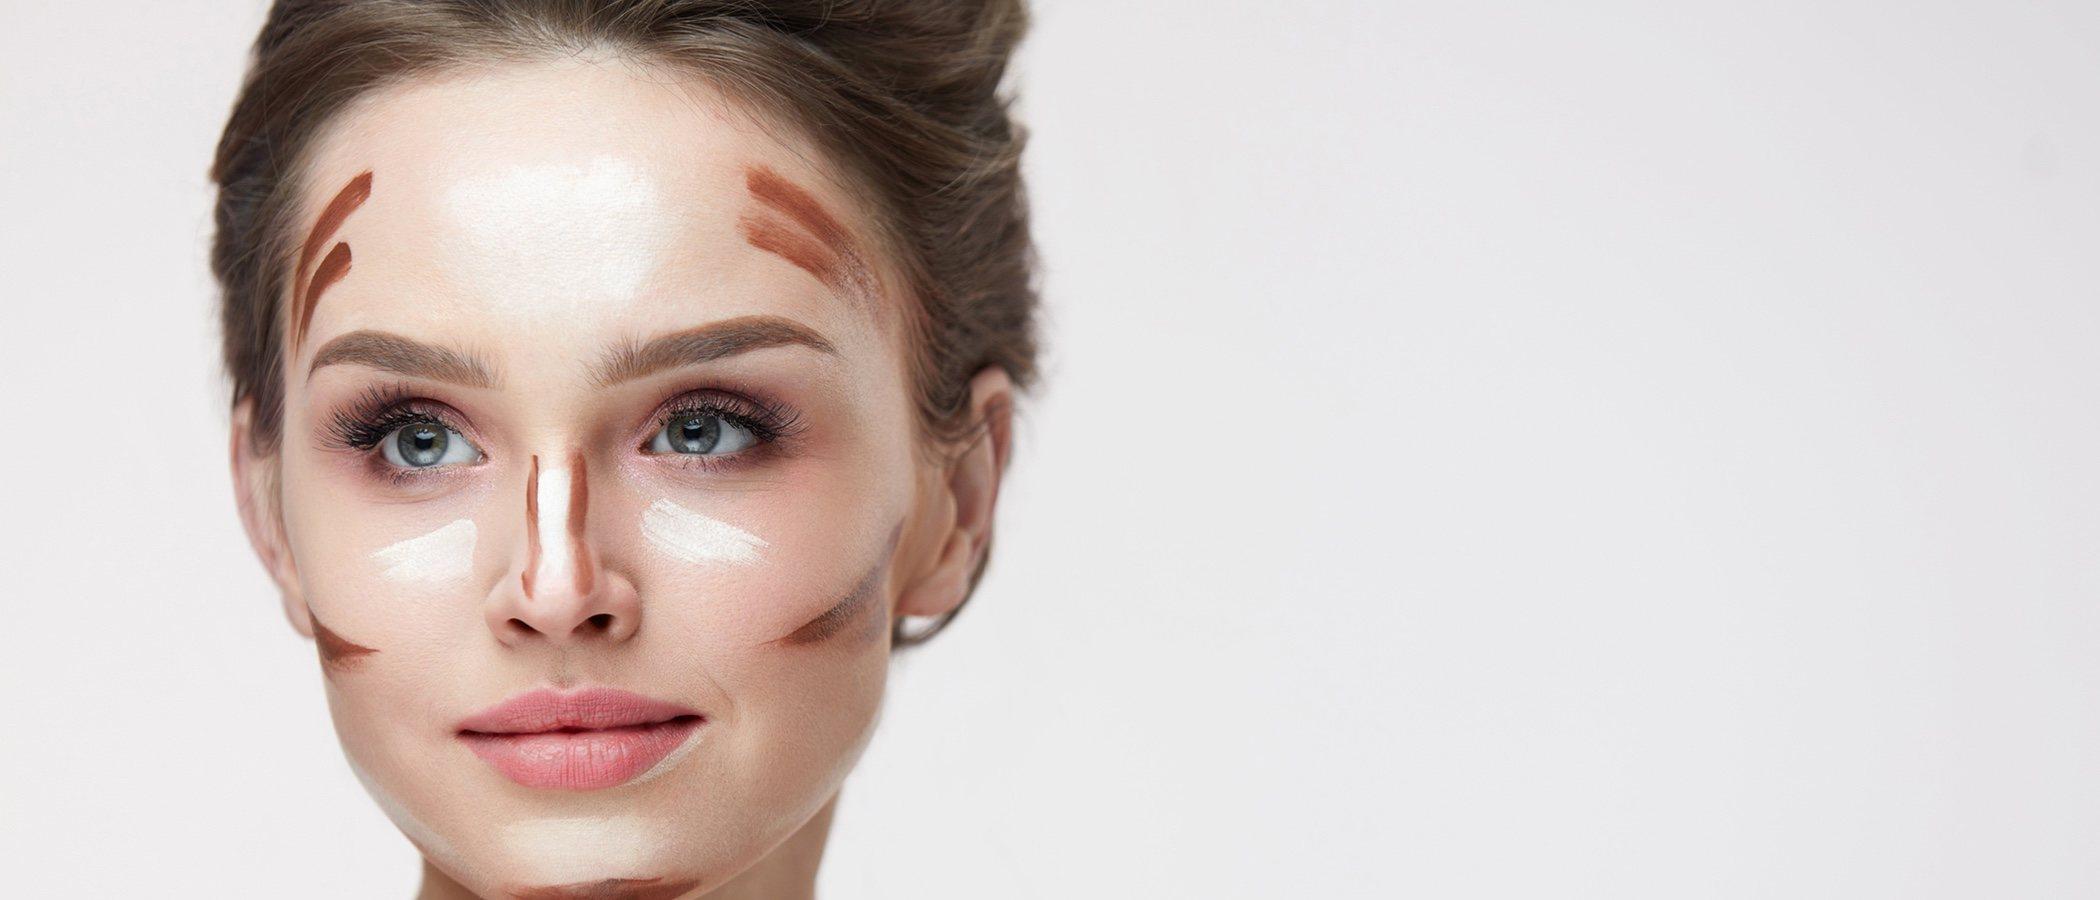 El contouring permite cambiar la forma de tu rostro